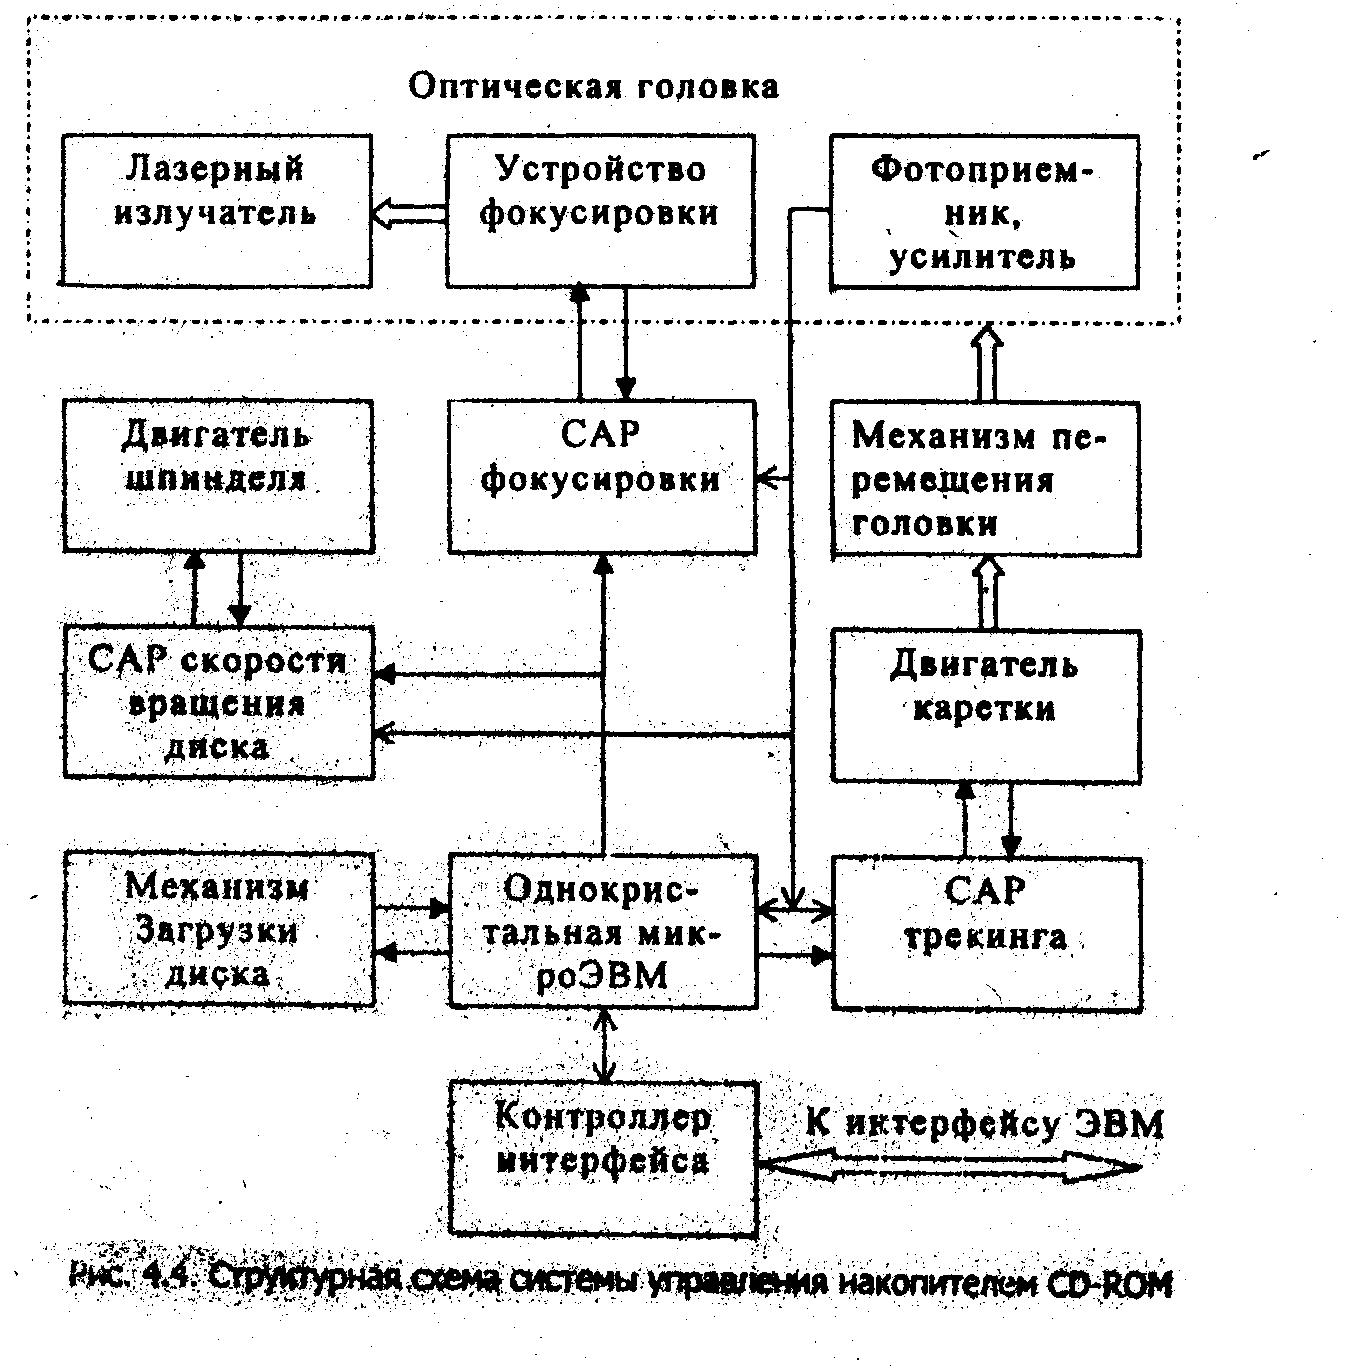 схема устройства и работы магнитного захвата